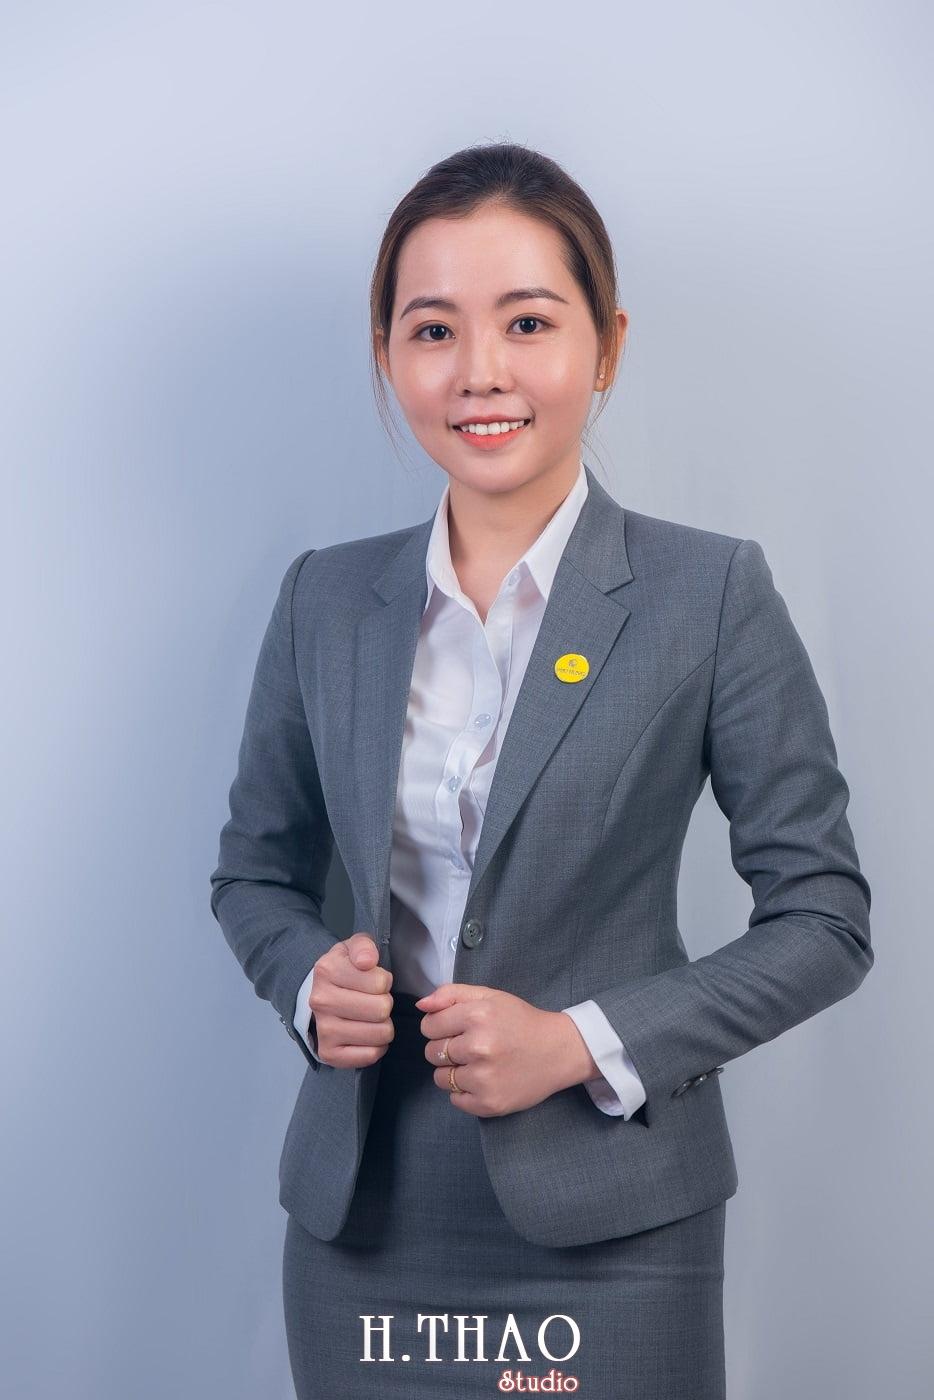 Phu Hung Land 9 - Album ảnh profile nhân sự công ty Phu Hung Land – HThao Studio